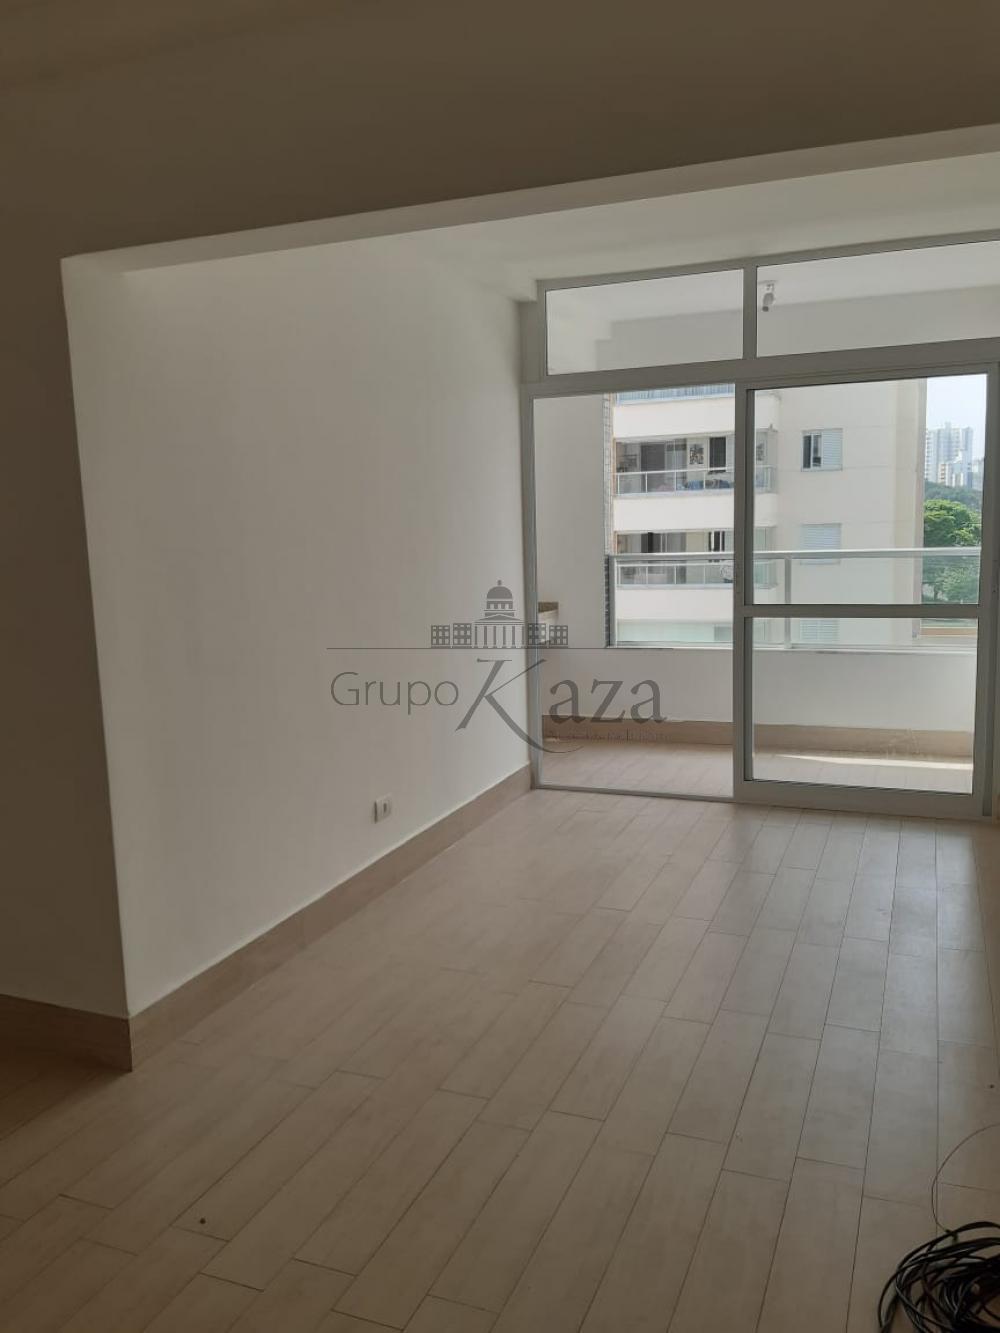 alt='Alugar Apartamento / Padrão em São José dos Campos R$ 2.400,00 - Foto 1' title='Alugar Apartamento / Padrão em São José dos Campos R$ 2.400,00 - Foto 1'